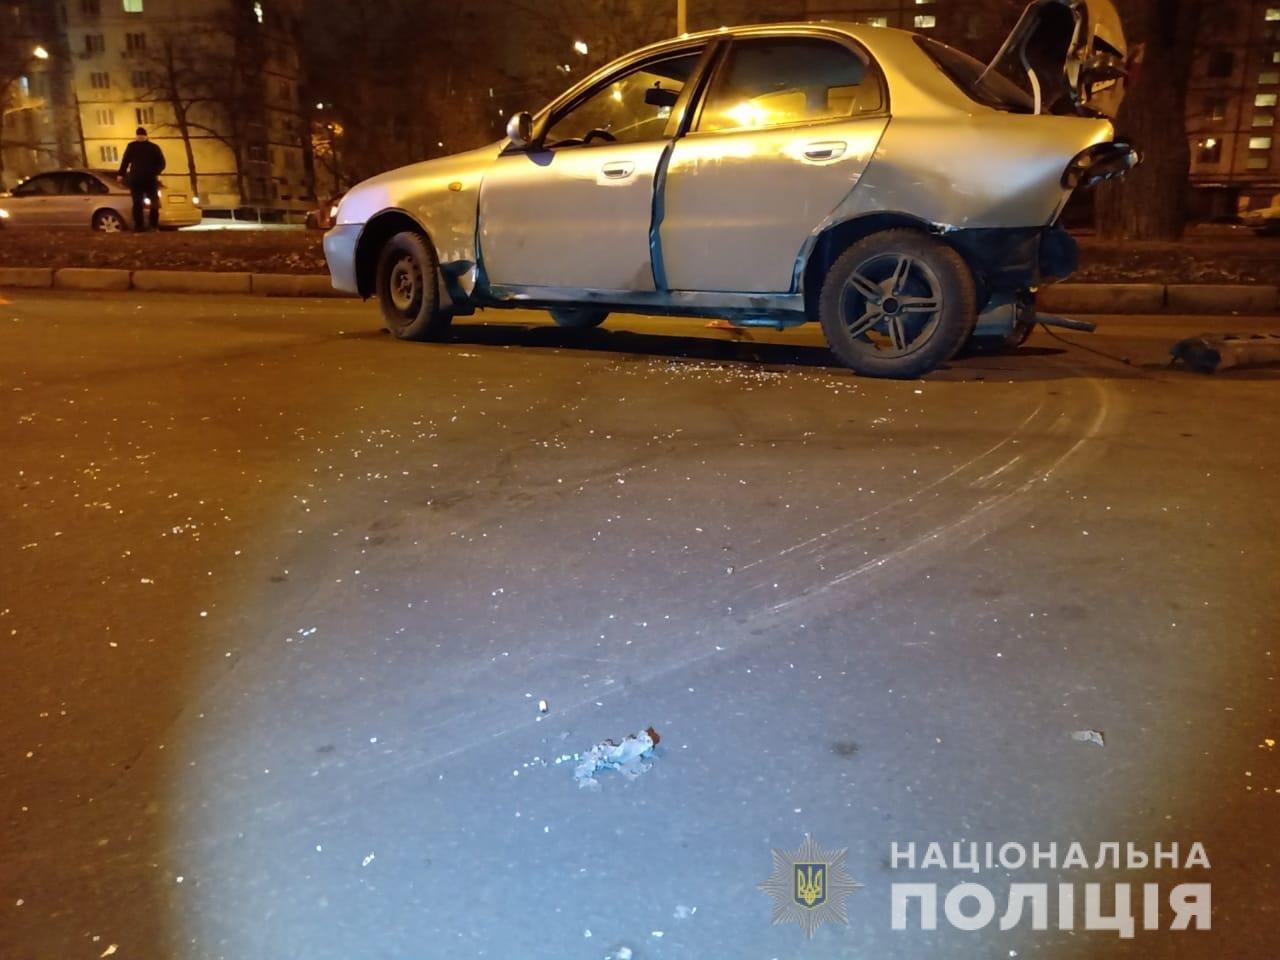 В Харькове пьяный водитель устроил ДТП и пытался скрыться с места аварии, - ФОТО, фото-4